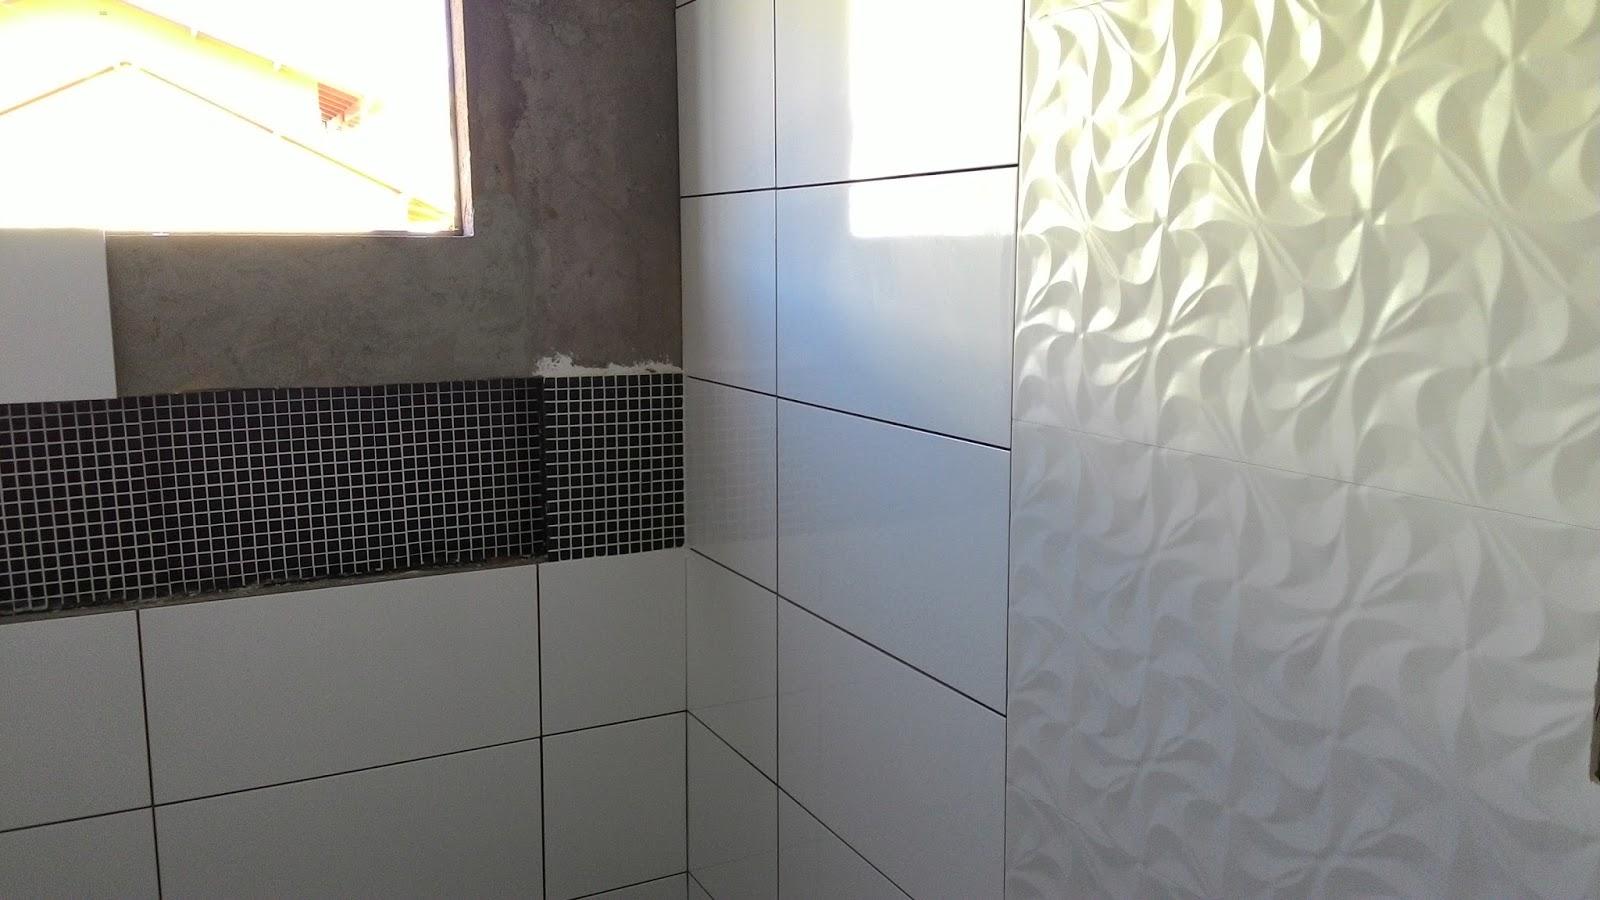 Sonhado: Atualização do banheiro (Pastilhas de vidro pigmentado #4B6380 1600x900 Banheiro Azulejo Pastilha